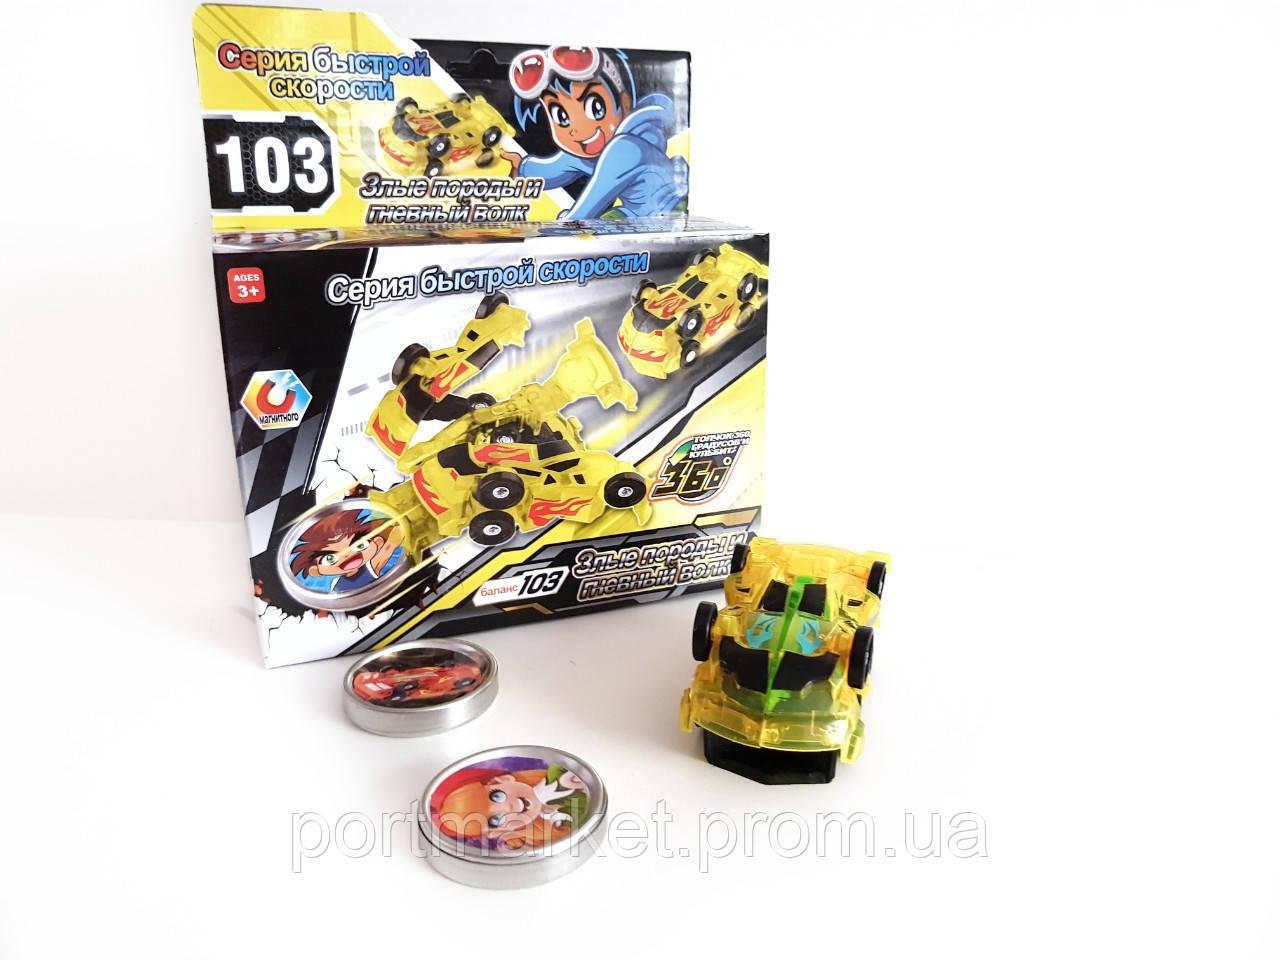 Машинка трансформер Screechers Wild Sparkbug, Дикие Скричеры Спаркбаг 103